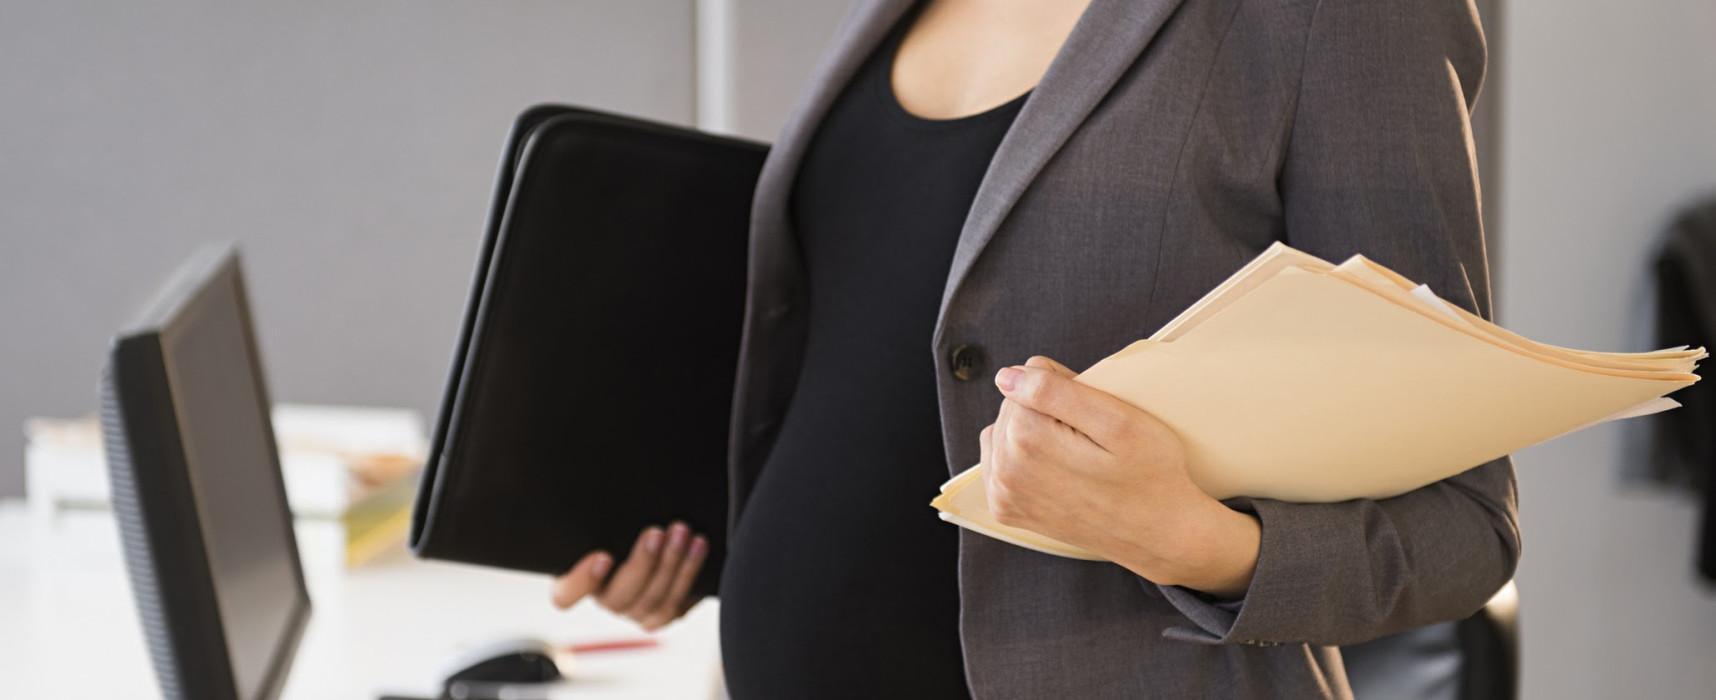 Как восстановить беременную работницу после увольнения: оформление документов и другие нюансы процедуры